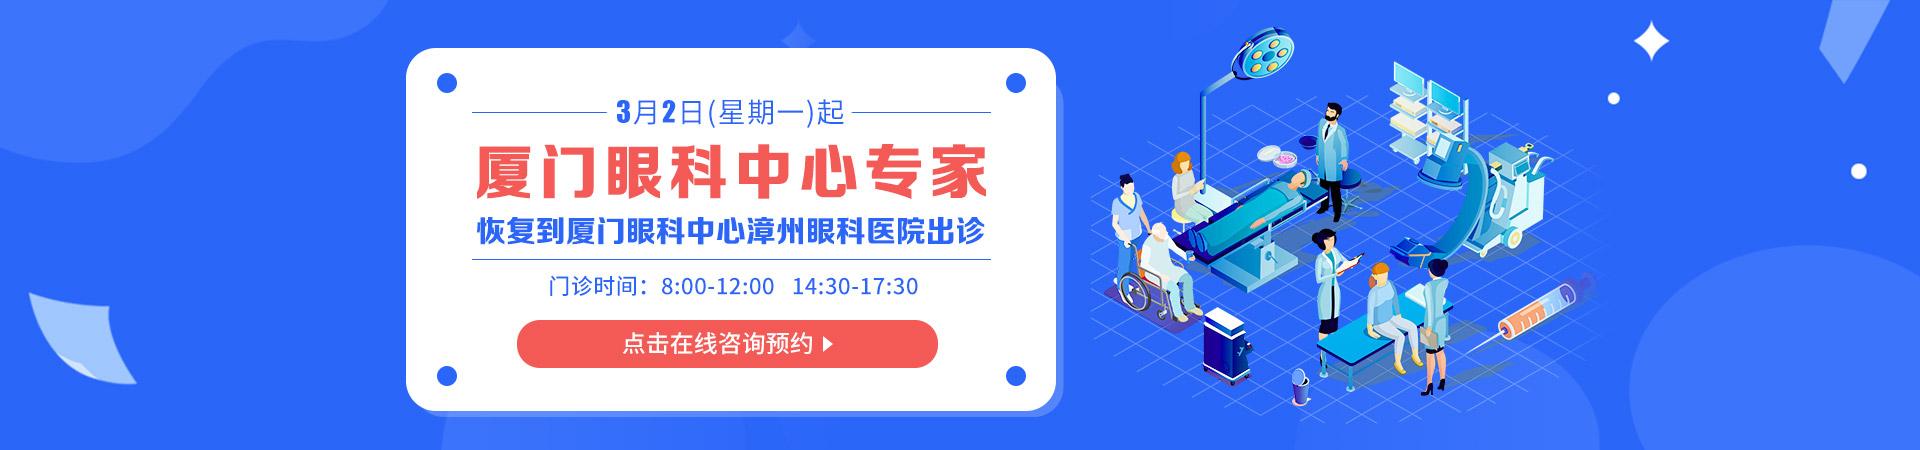 漳州开诊banner